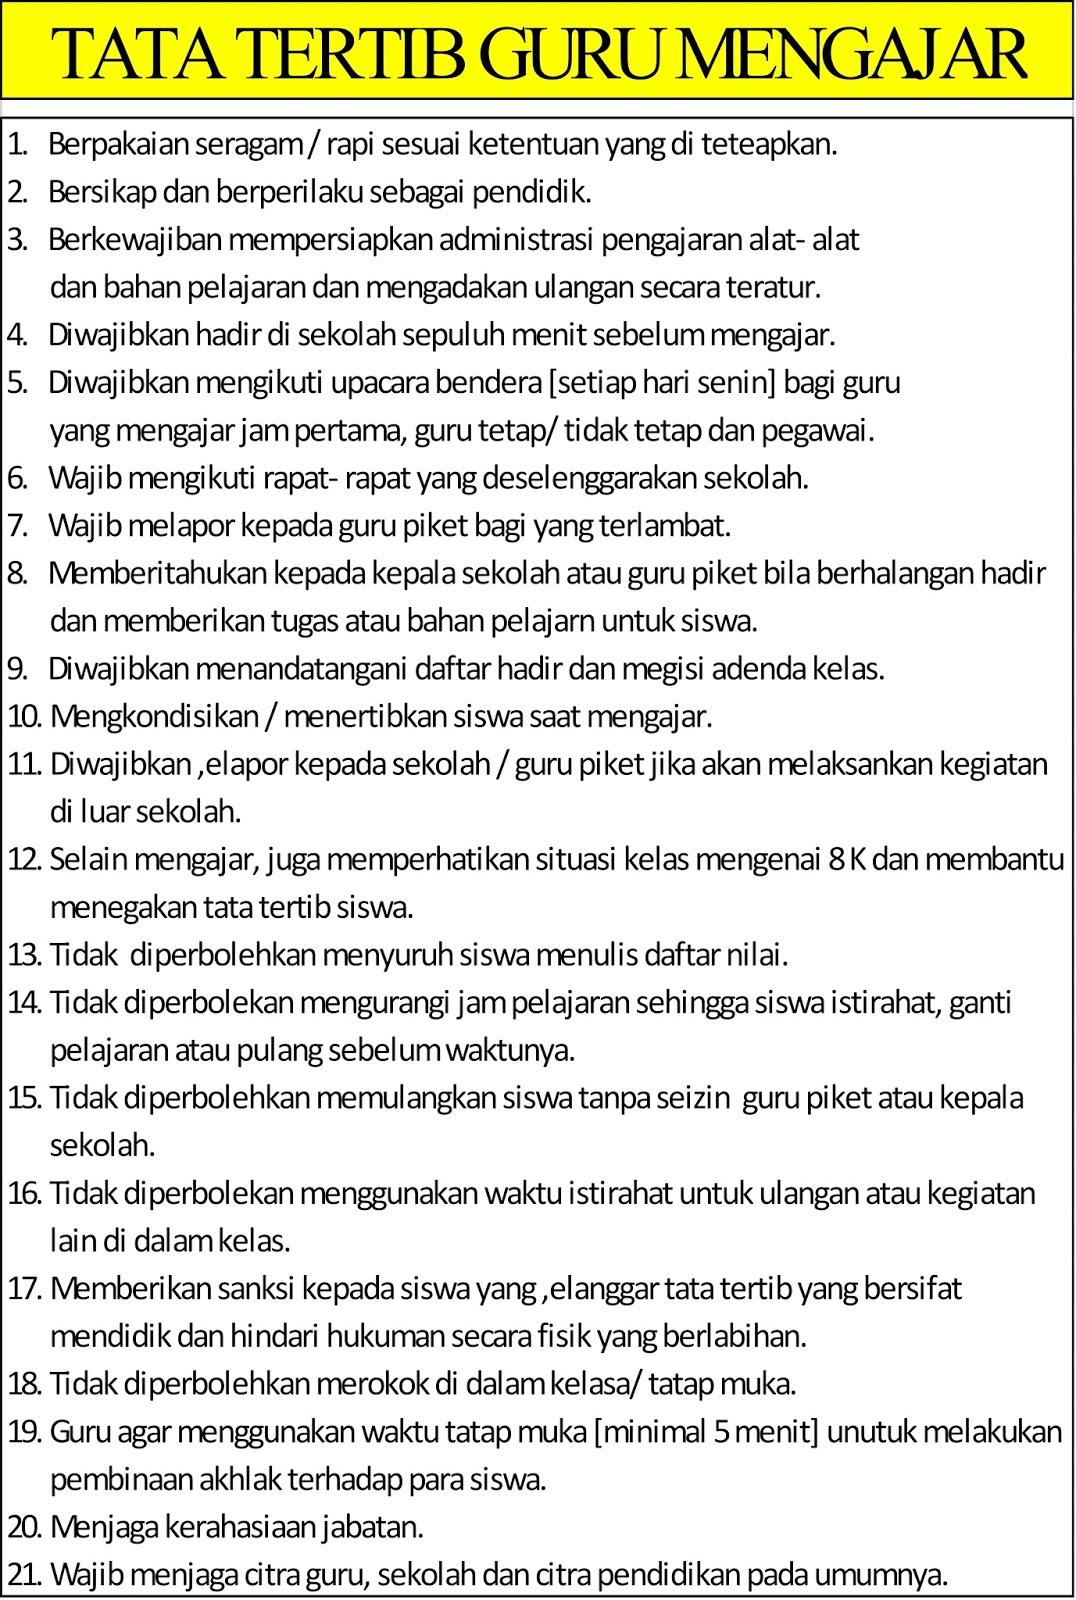 Tata Tertib Guru Indonesia : tertib, indonesia, Ukuran, Banner, Tertib, Soalan